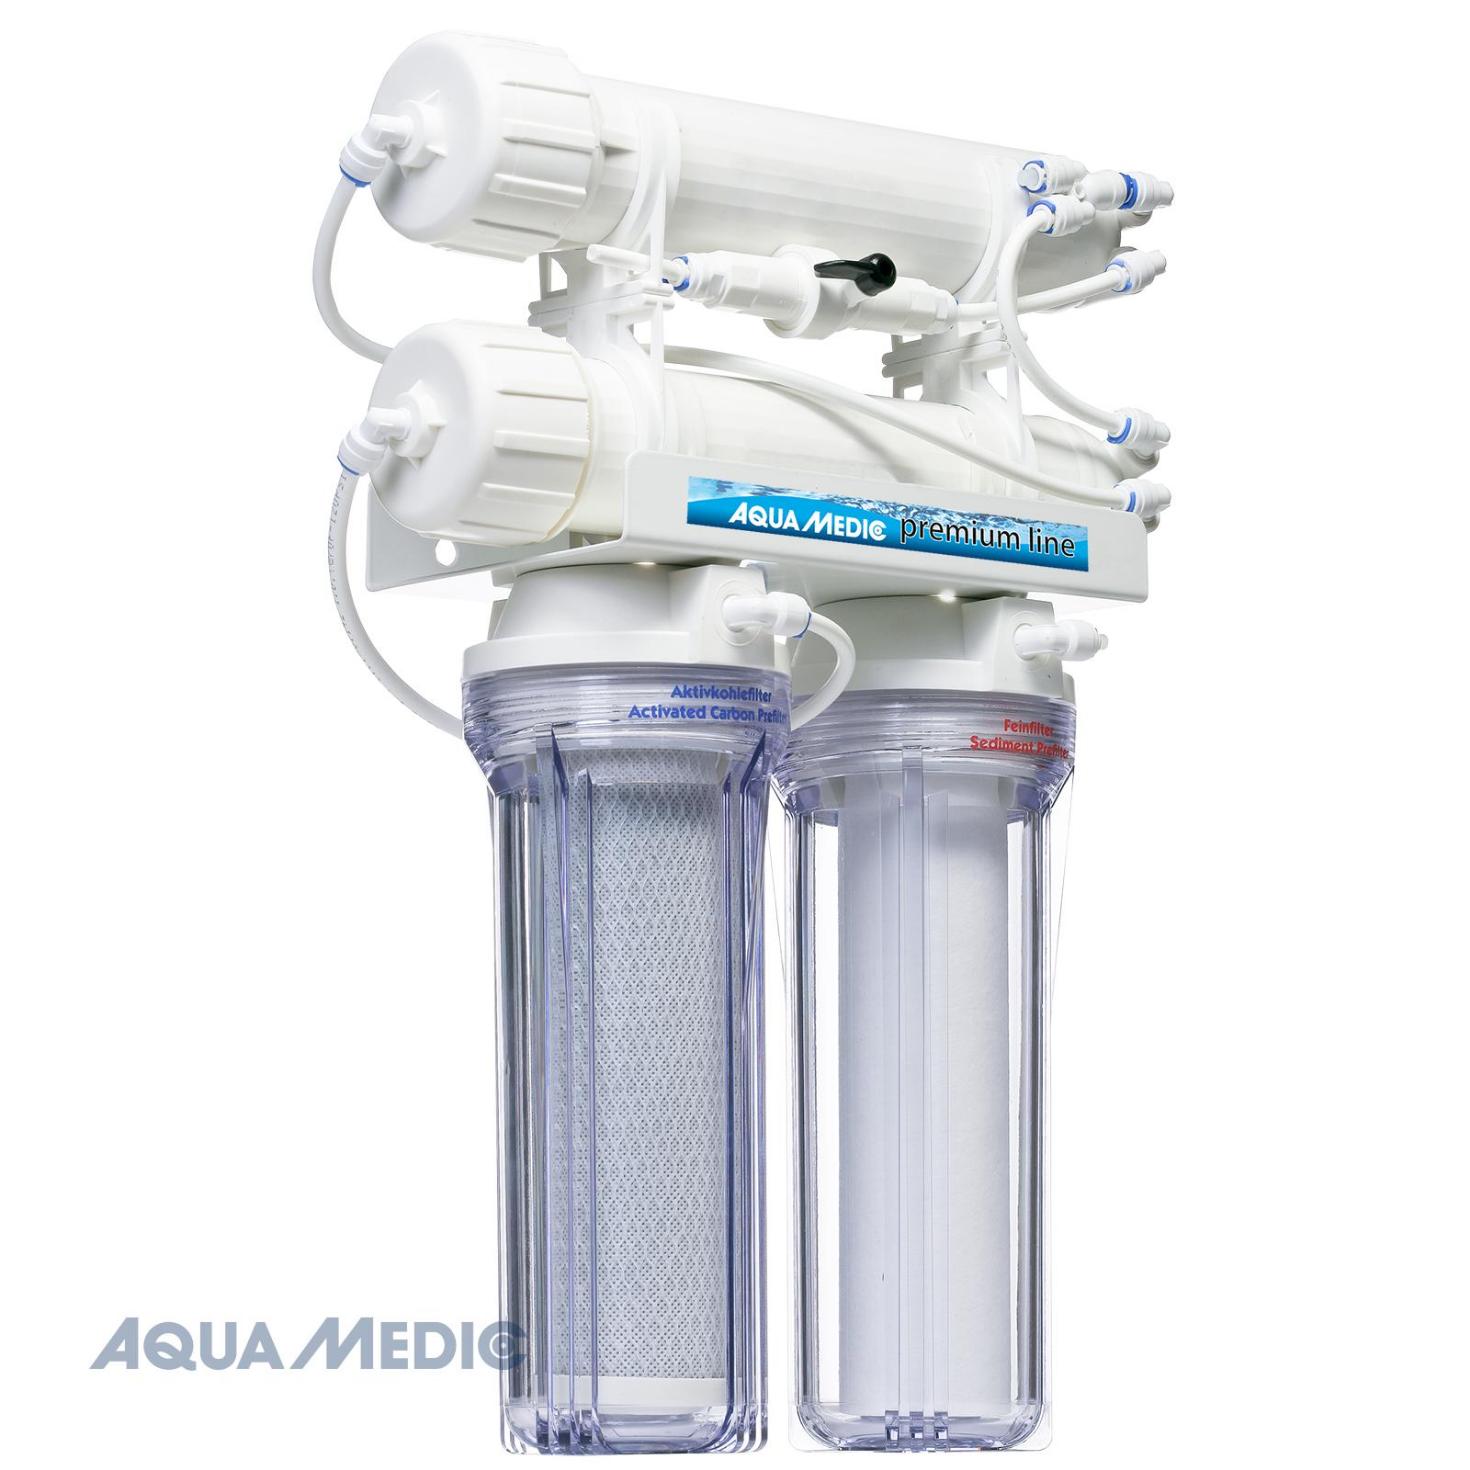 Aqua Medic premium line 600